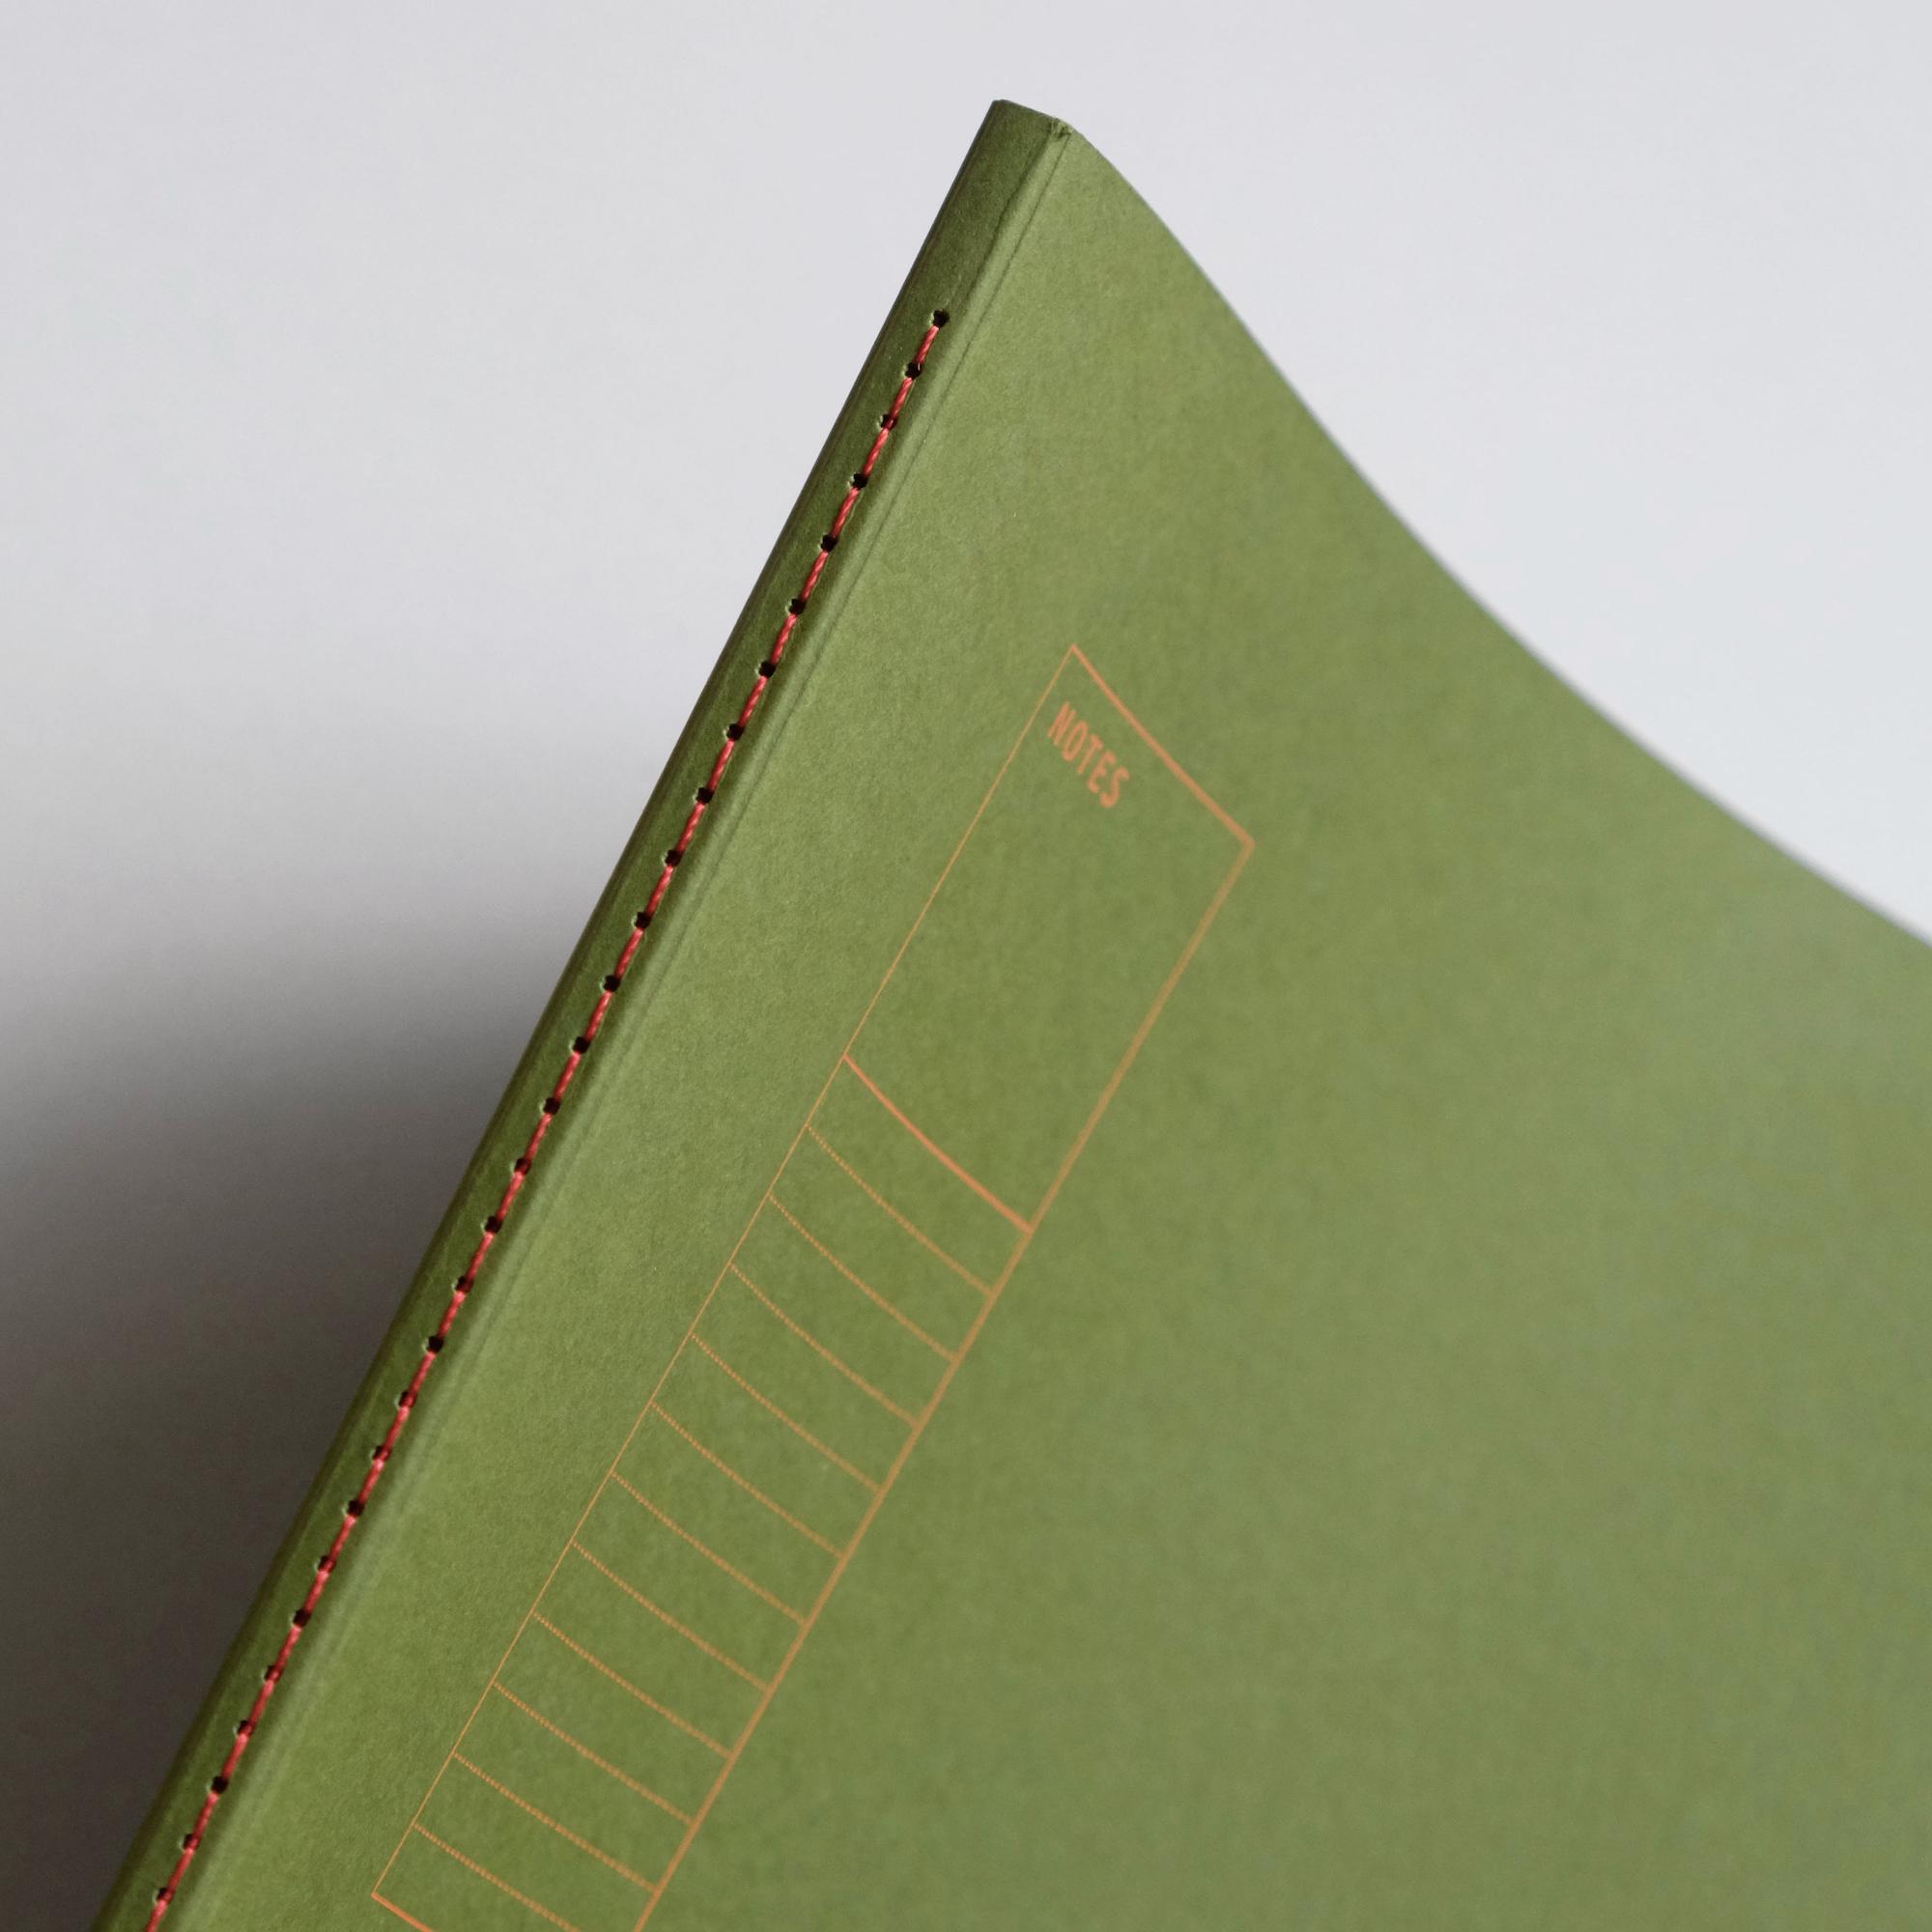 lekki_notebook_green_05